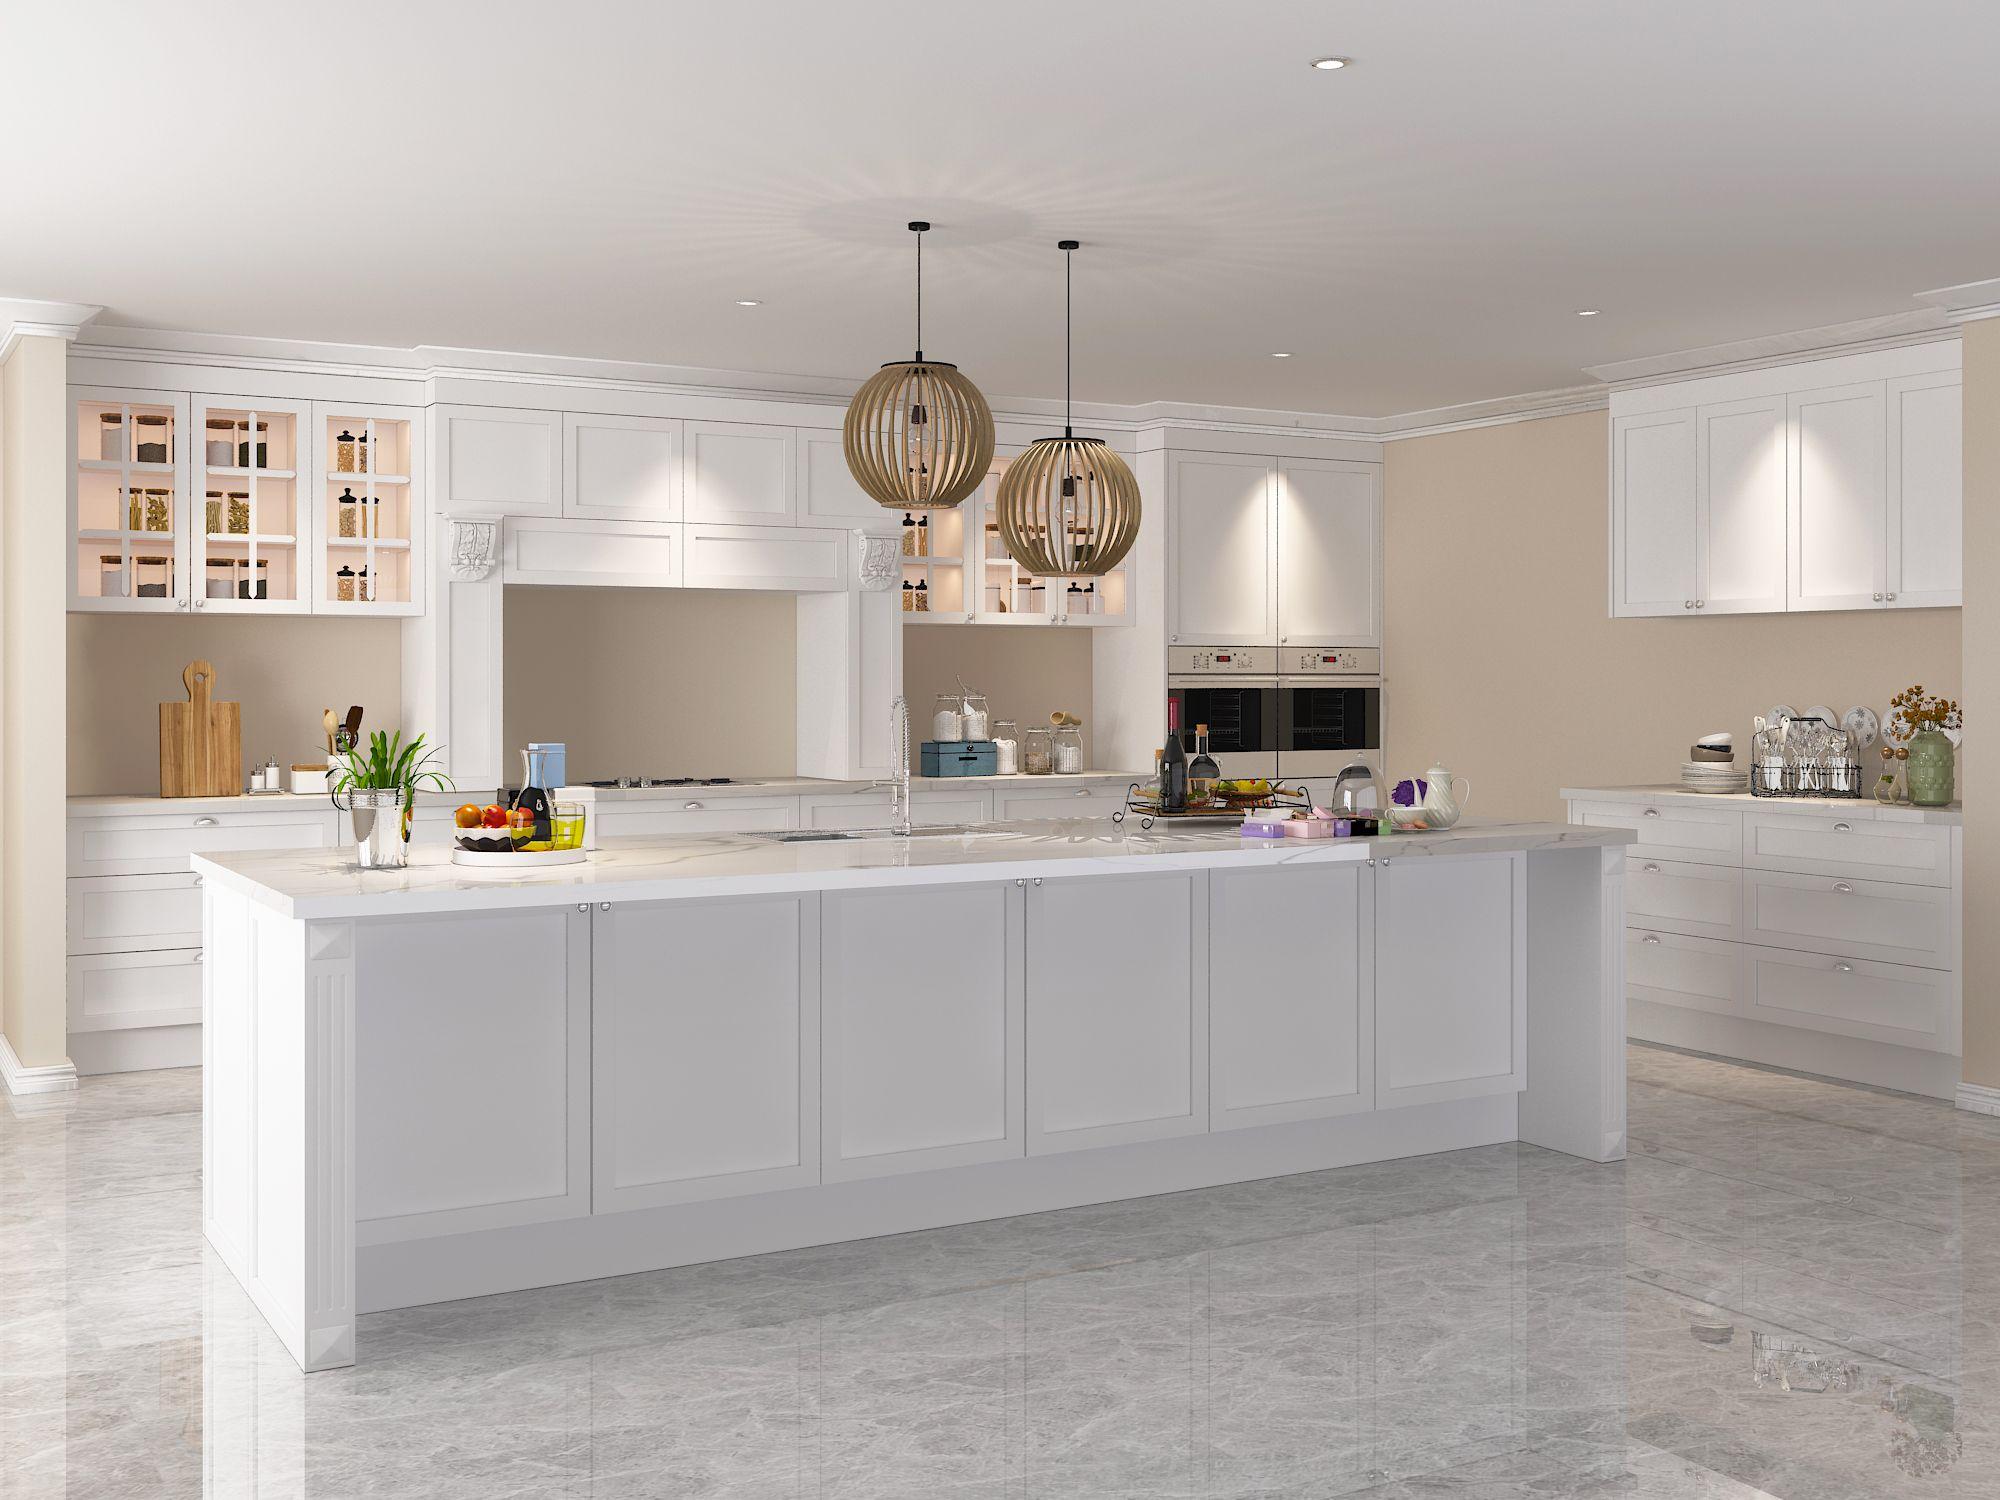 Vermonhouzz Australia Shaker Cabinet Modern Kitchen Cabinet Designs White 3d Free Drawin Modern Kitchen Cabinet Design 3d Kitchen Design Kitchen Cabinet Design